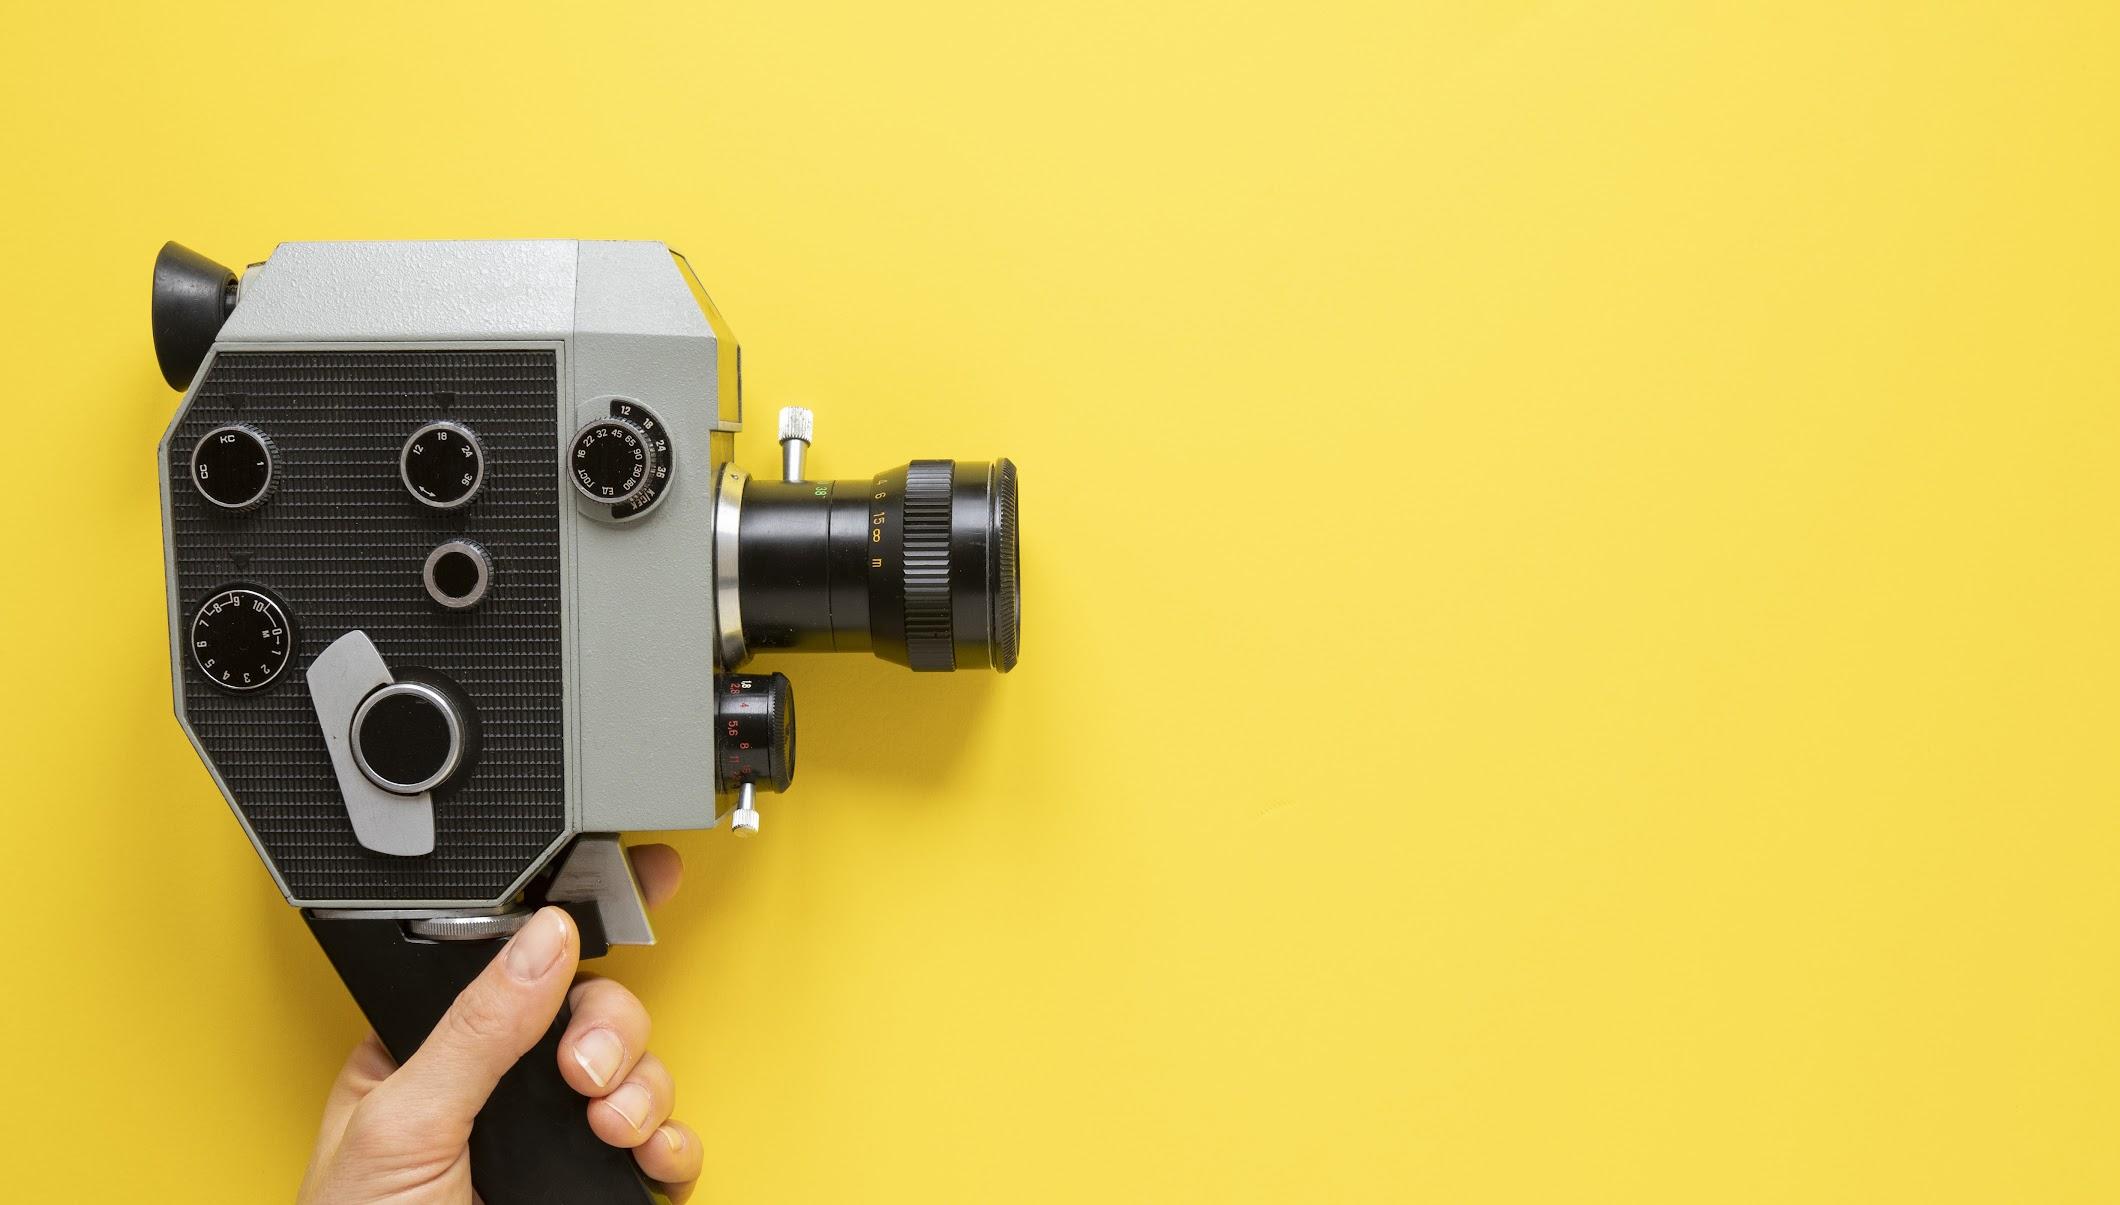 Productora Audiovisual Bilbao - Graba Ezak!